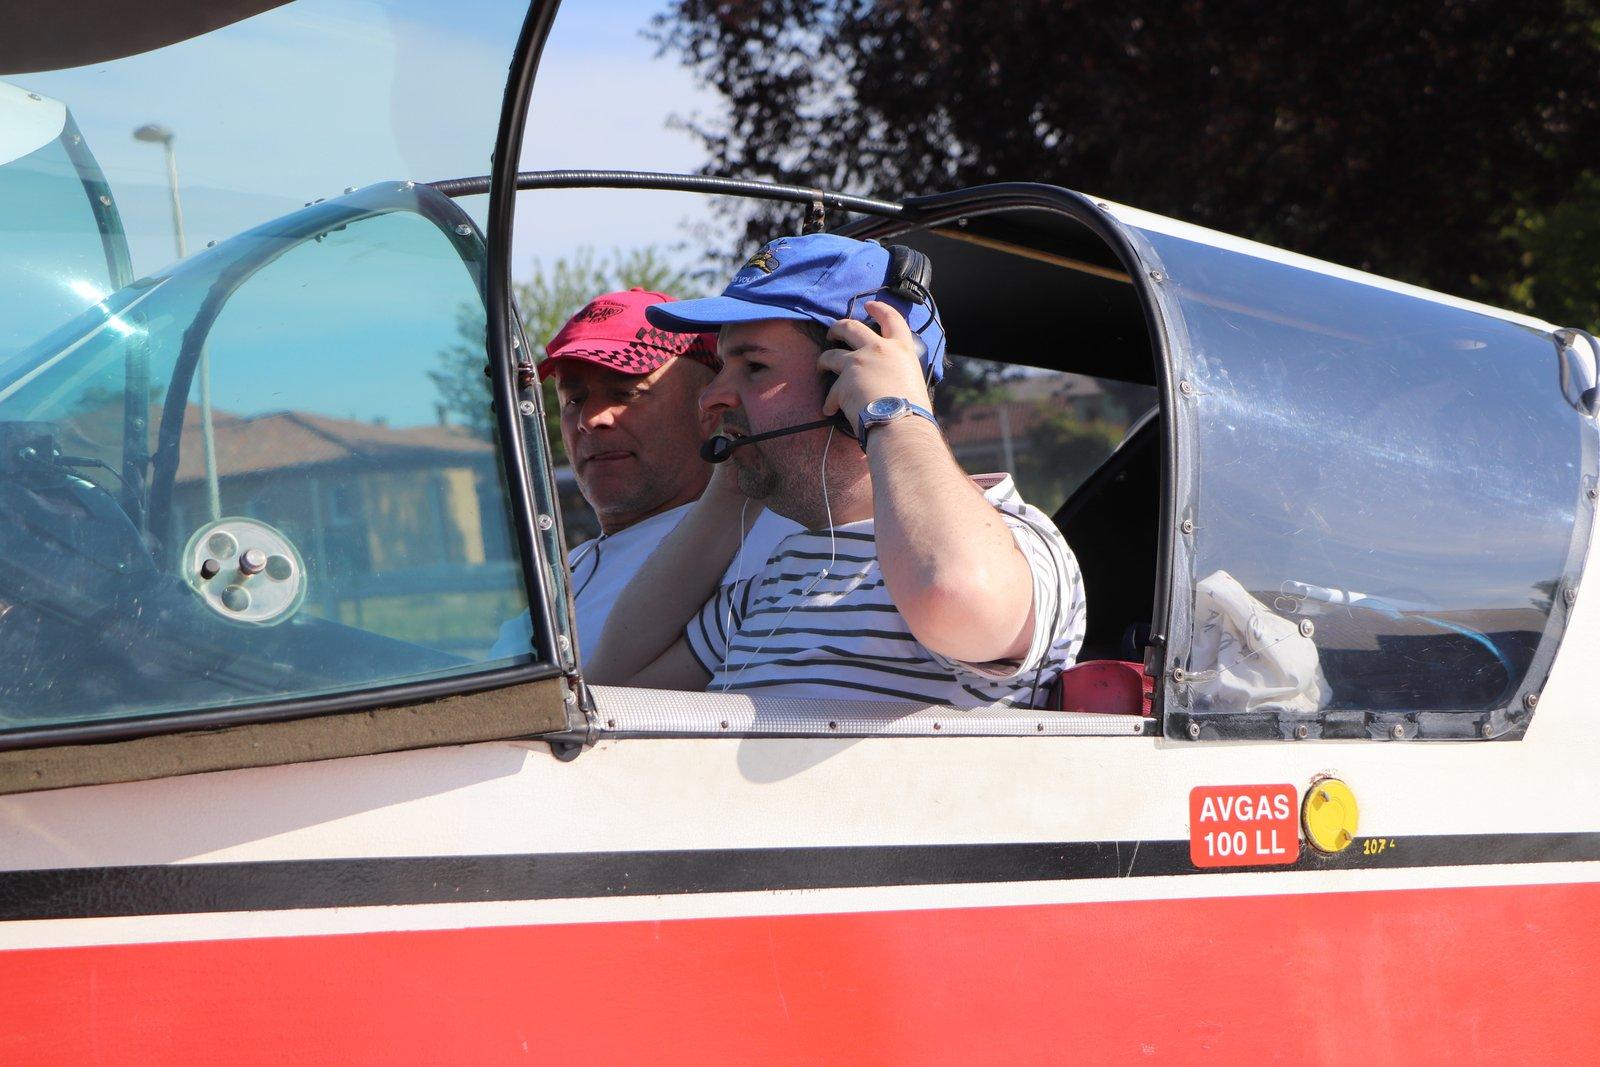 Un Miraud volant en train de mettre son casque et son instructeur dans le cockpit avant le décollage à Nogaro